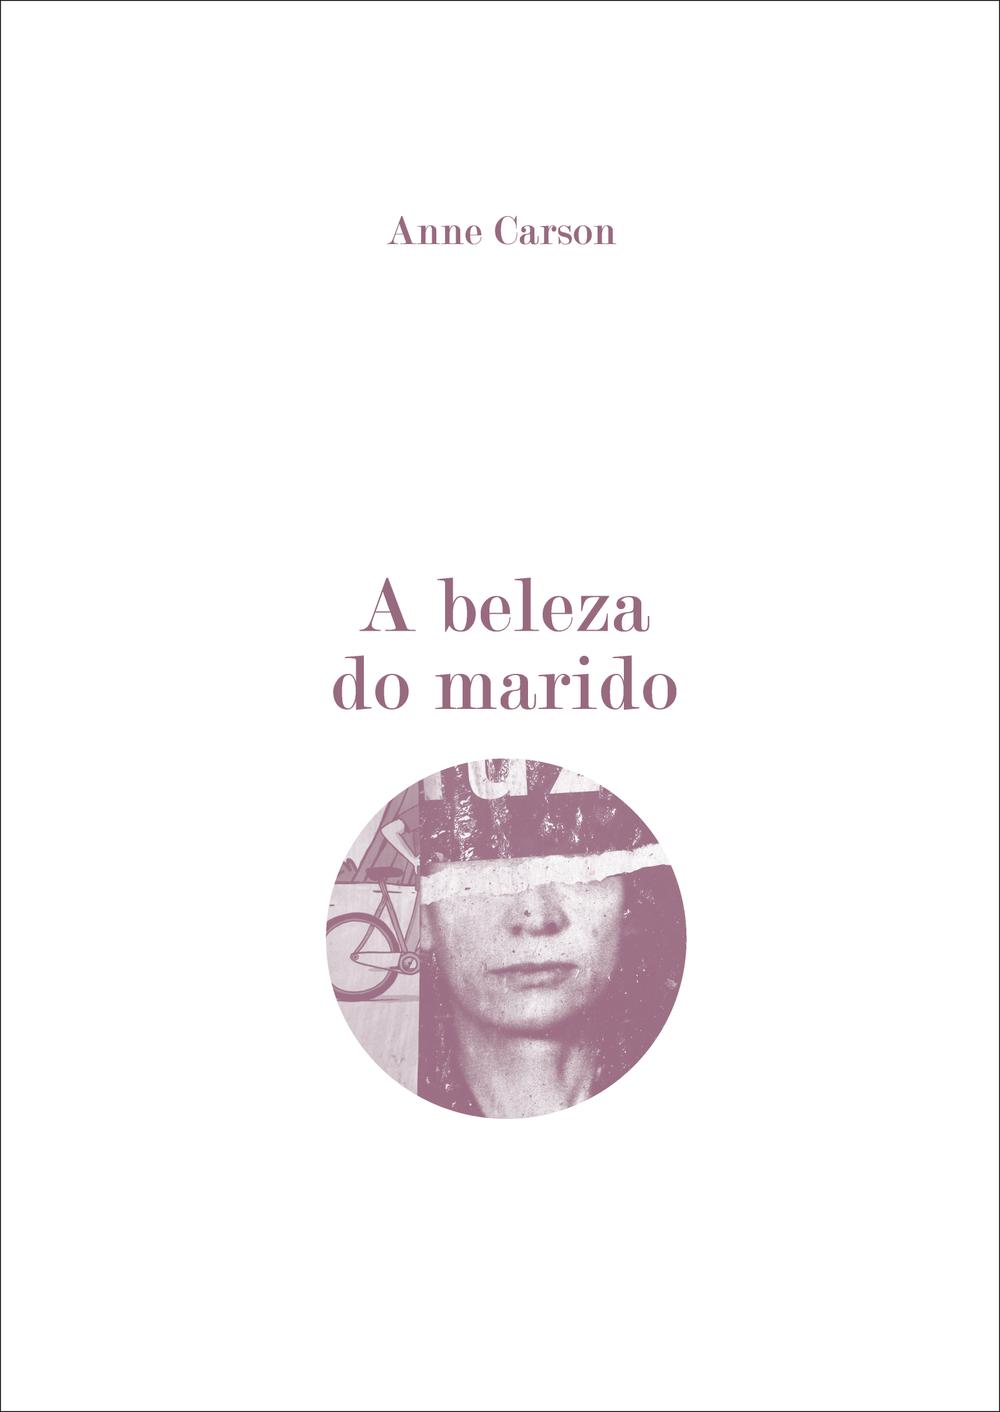 Anne Carson,  A Beleza do Marido , não edições, capa sobre colagem de Ricardo Marques